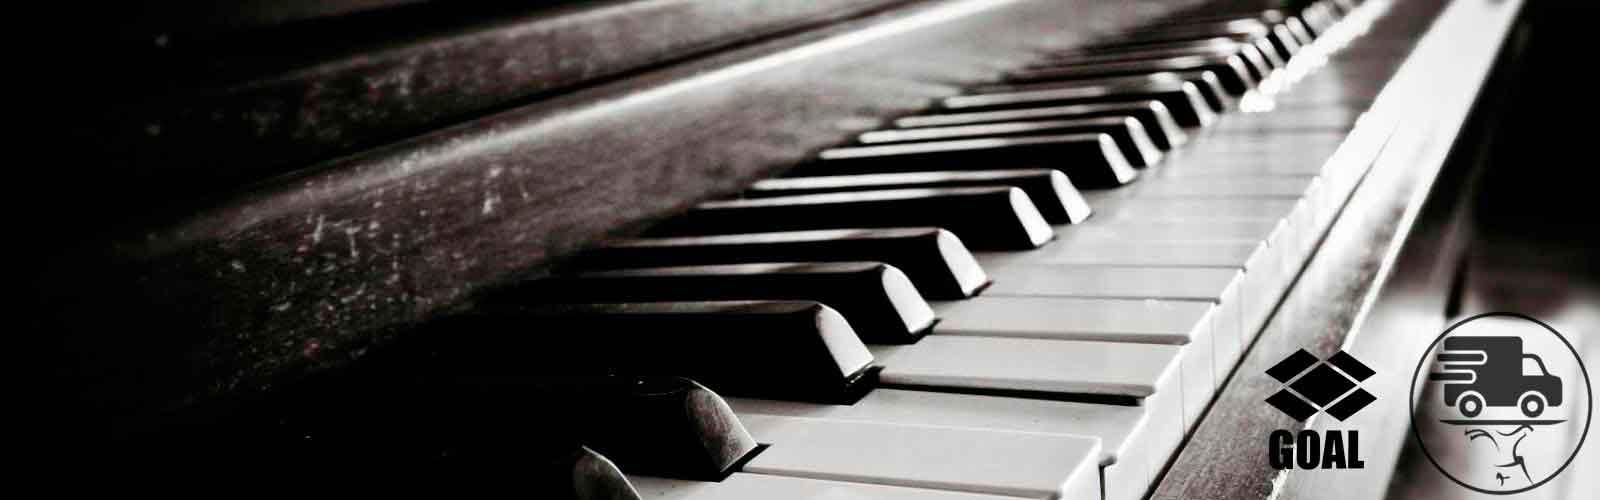 Servei de transport de pianos